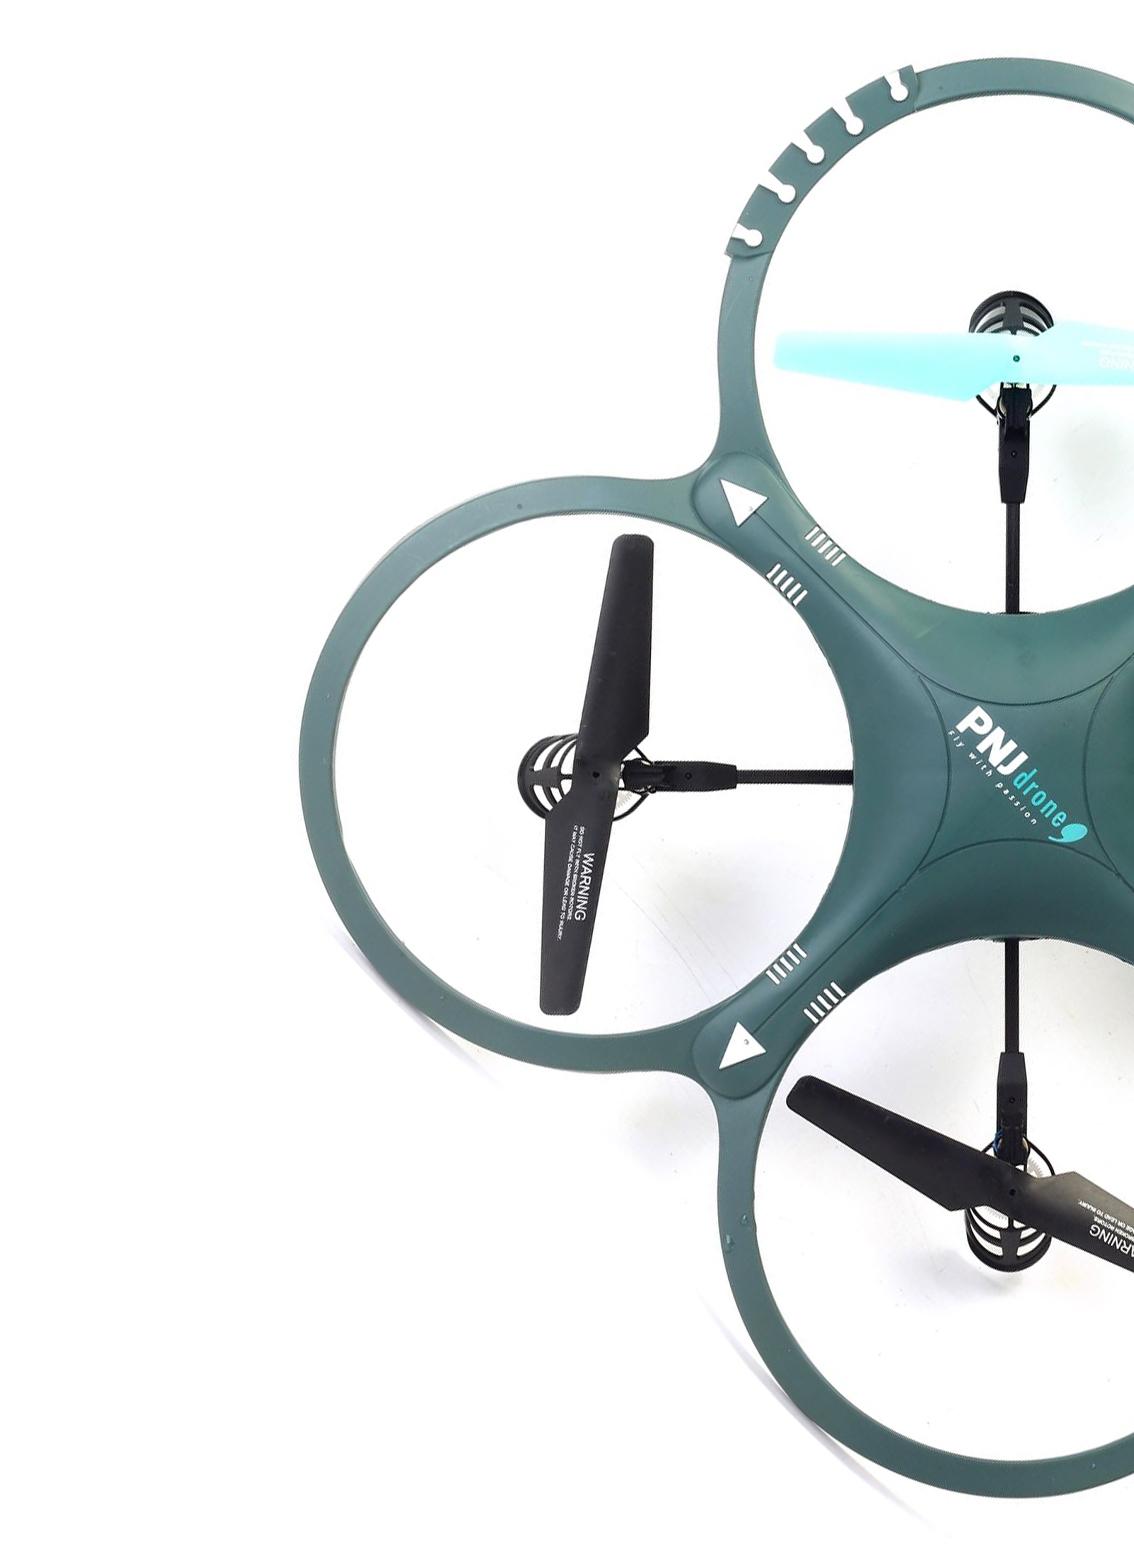 Parfait pour s'initier aux drones Ce modèle est idéal pour…